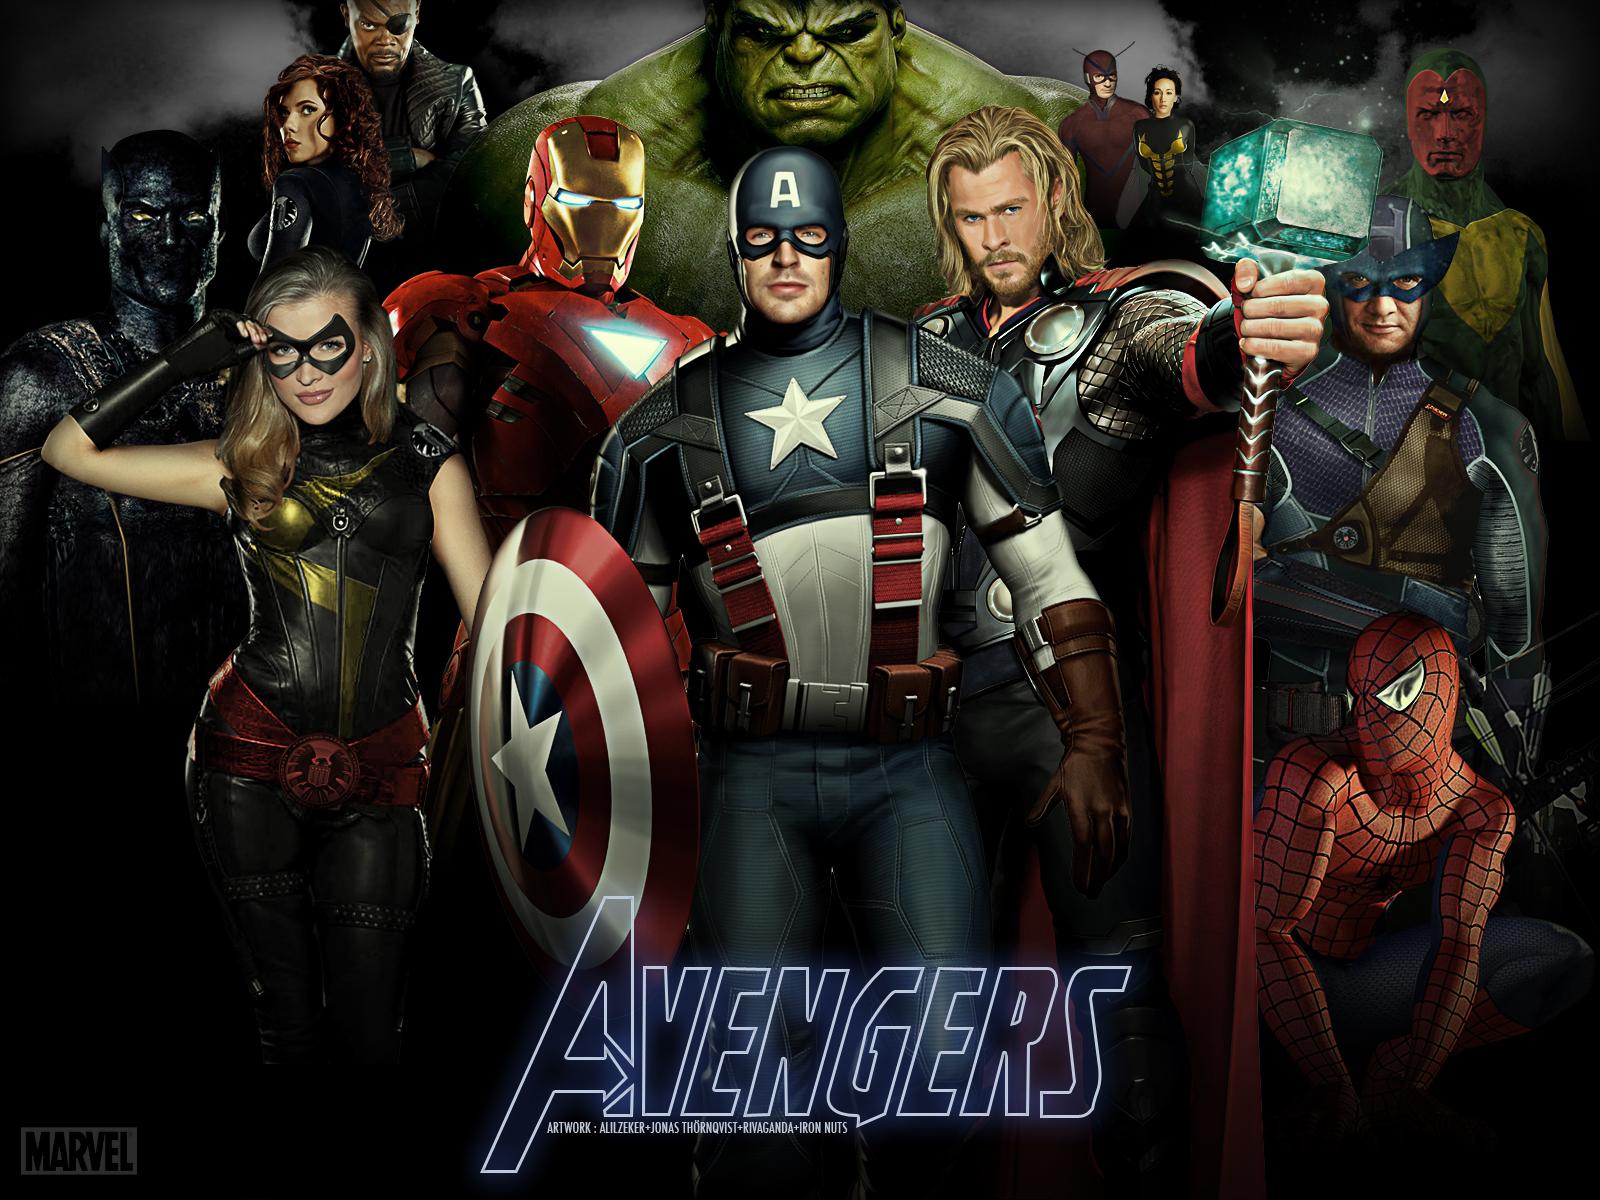 The Avengers wallpaper 2